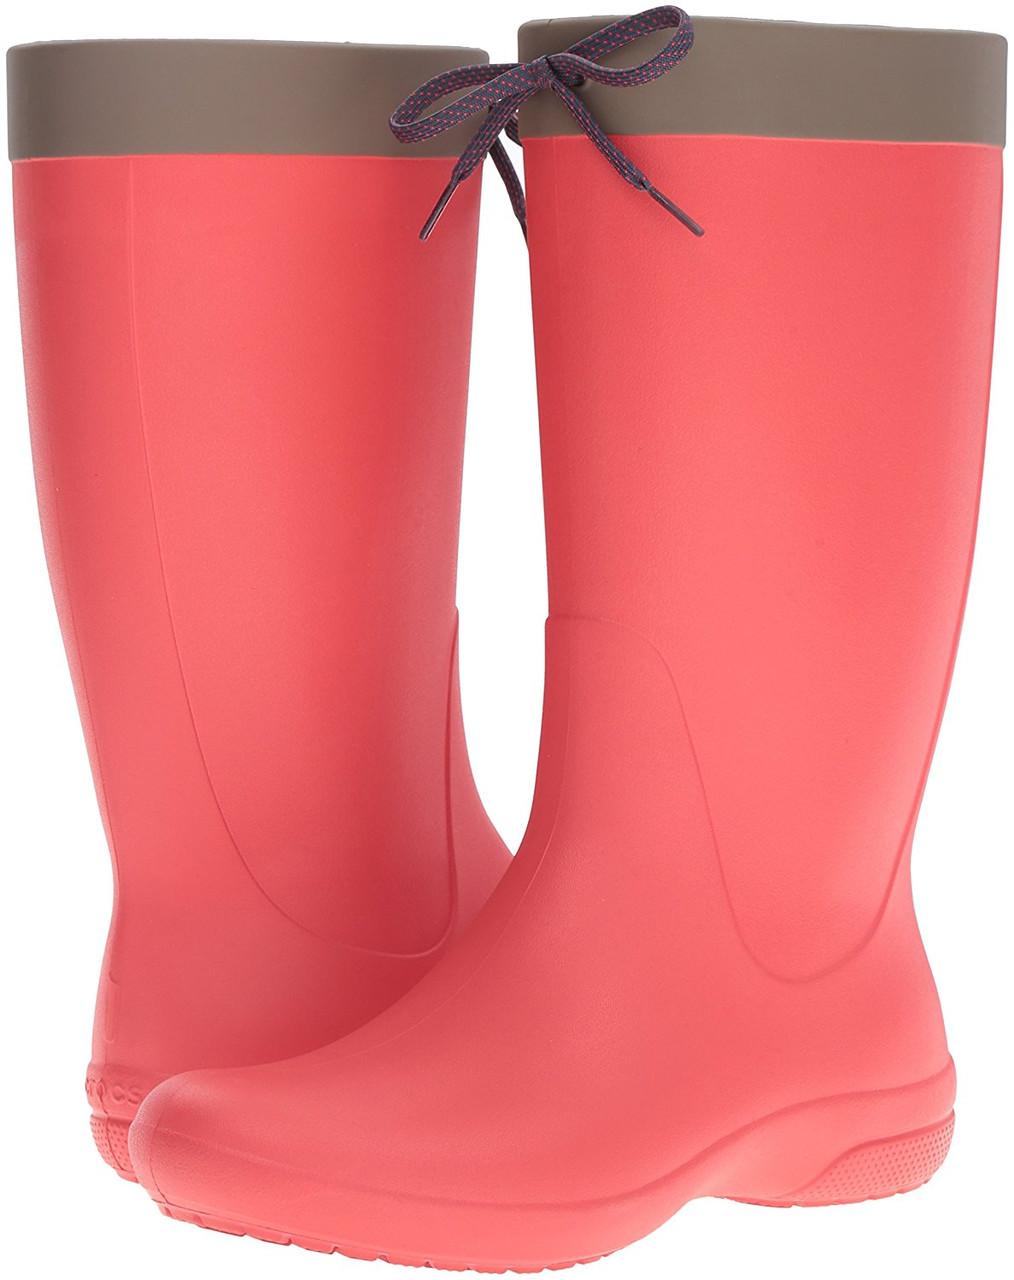 c10084589b6b Женские резиновые сапоги Крокс Crocs Freesail Rainboot